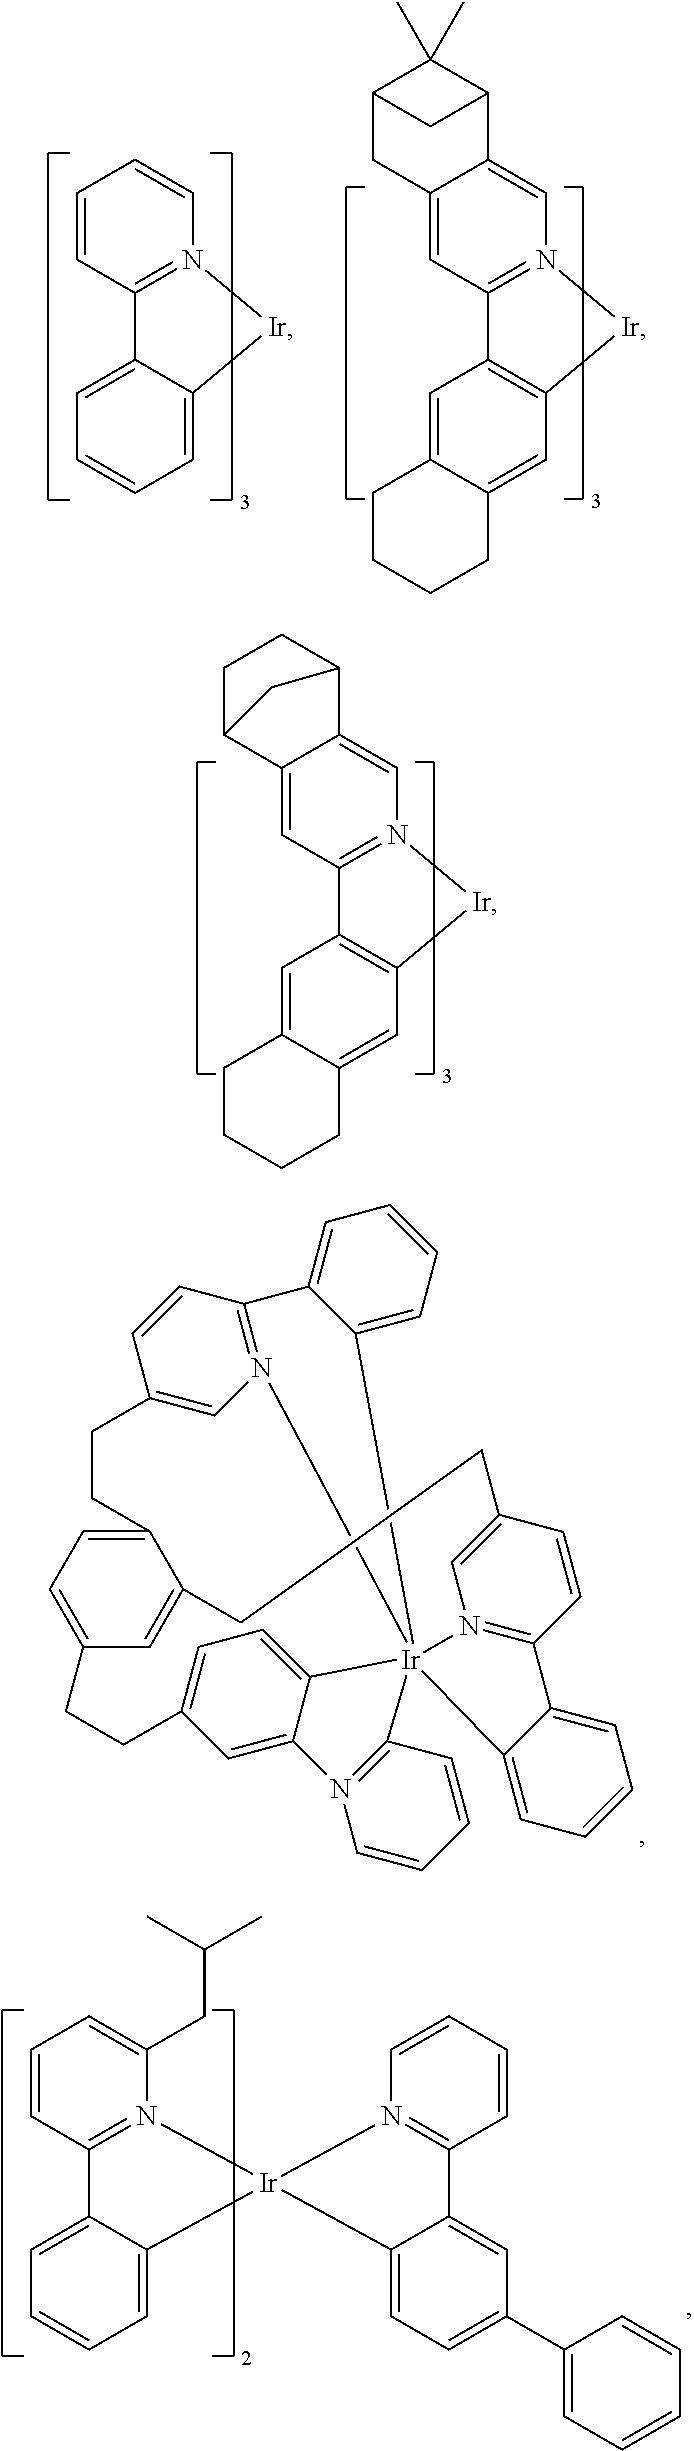 Figure US20180130962A1-20180510-C00177